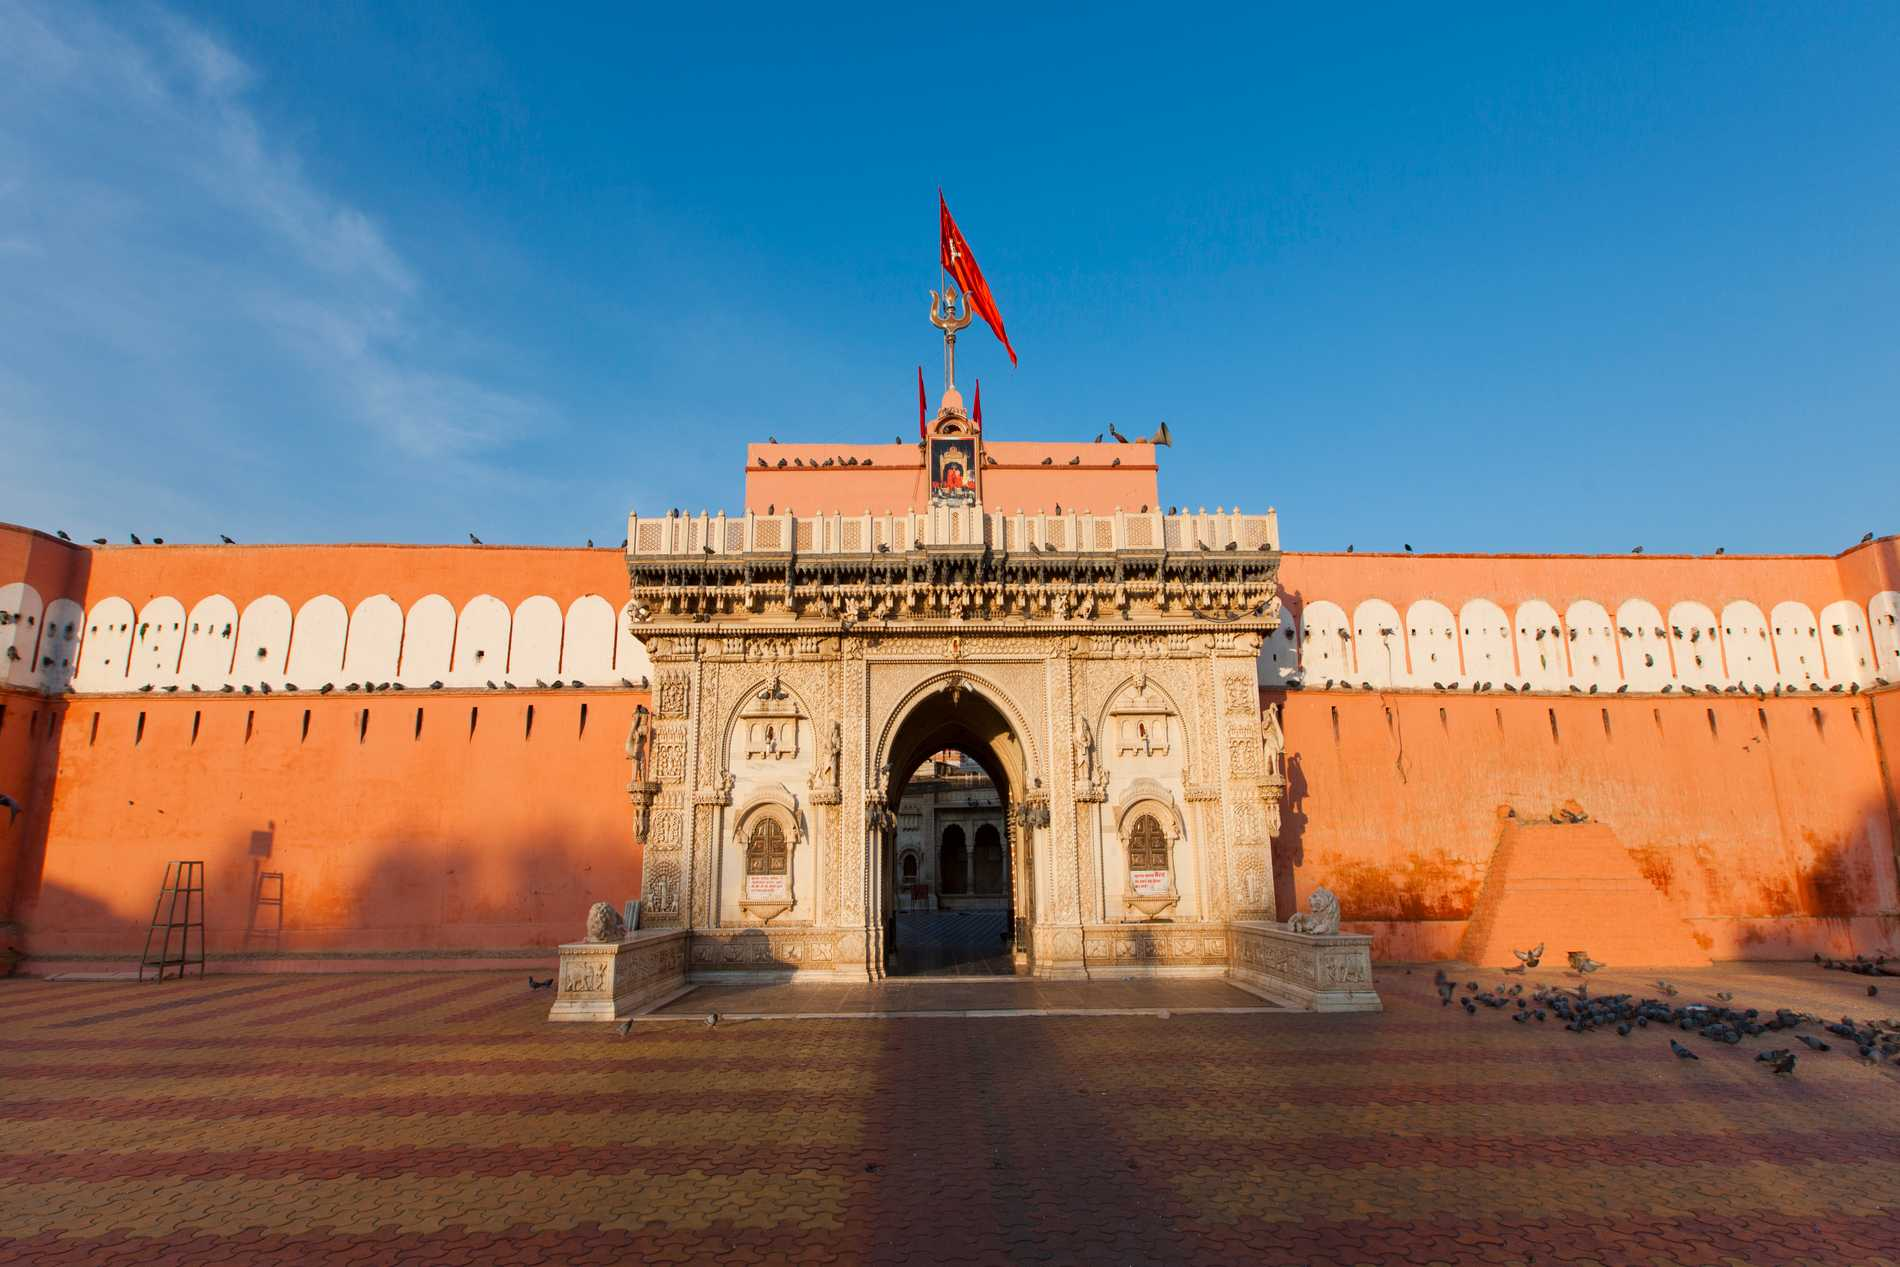 Karni Mata är ett aningen udda tempel.